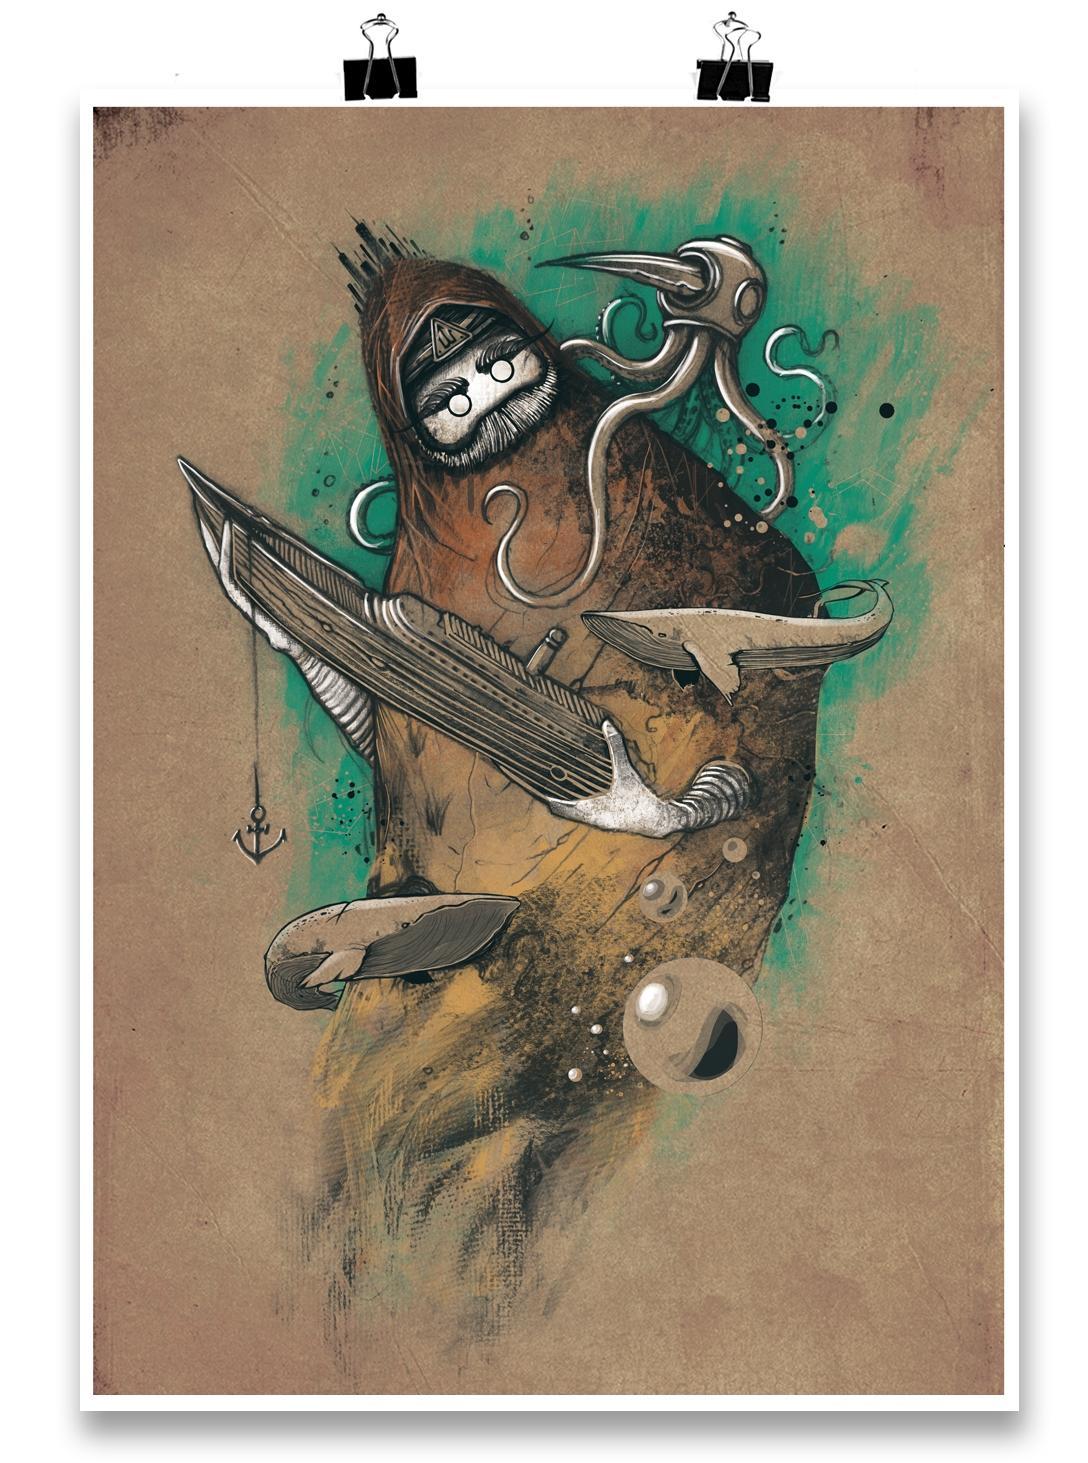 Inšpirácie...drevo, kameň, hlina, kov, industrial, etno, vidiek, starinky - Obrázok č. 44